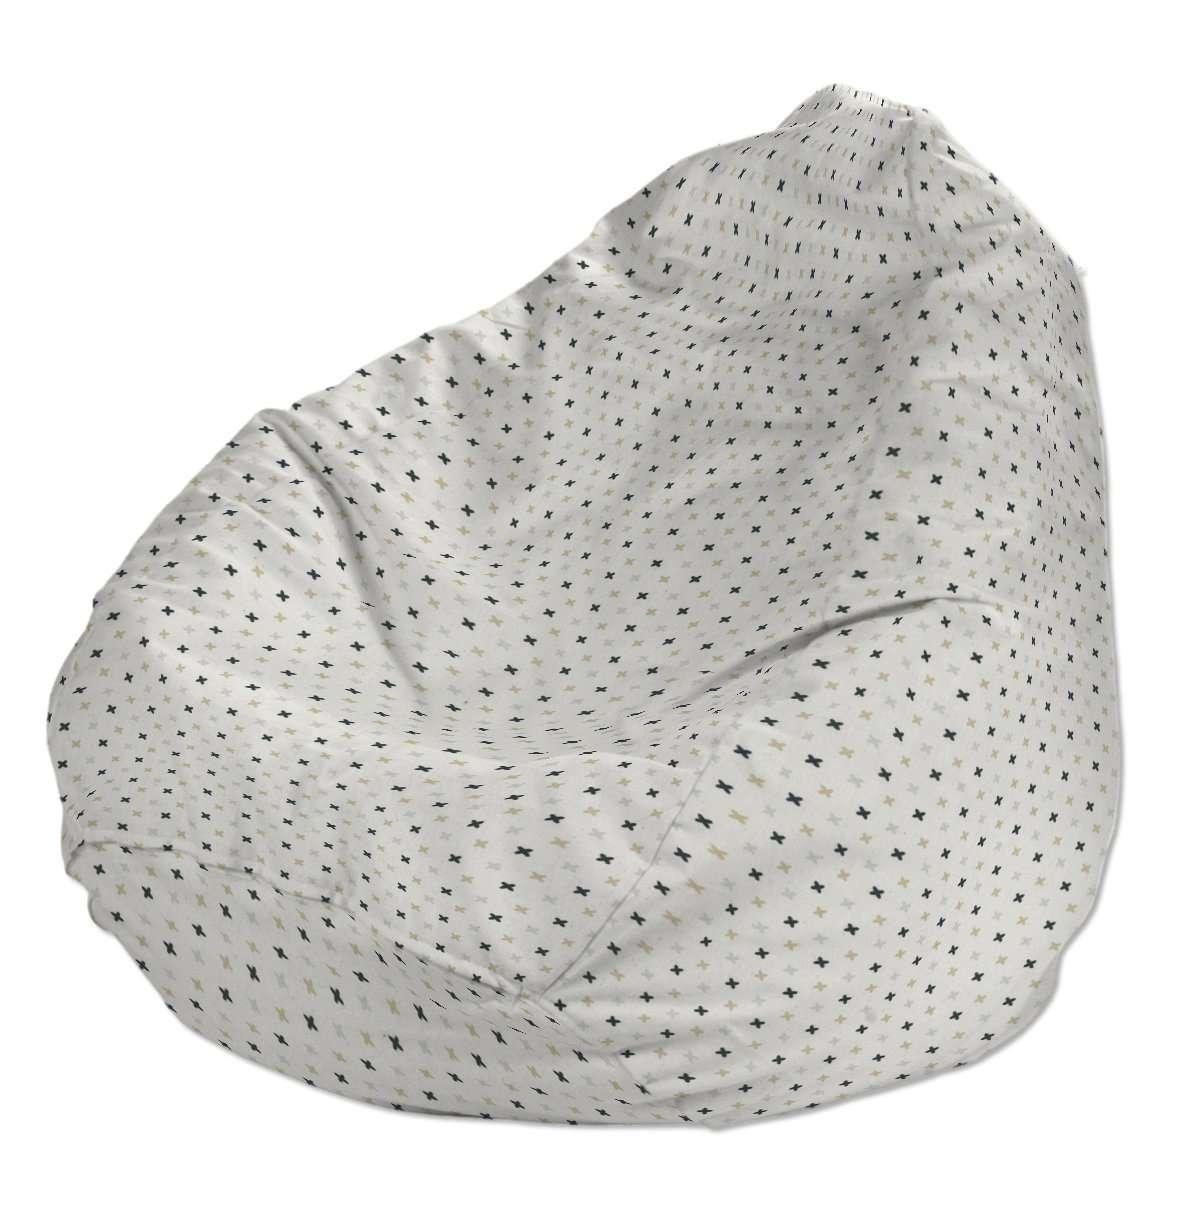 Pokrowiec na worek do siedzenia w kolekcji Adventure, tkanina: 141-83